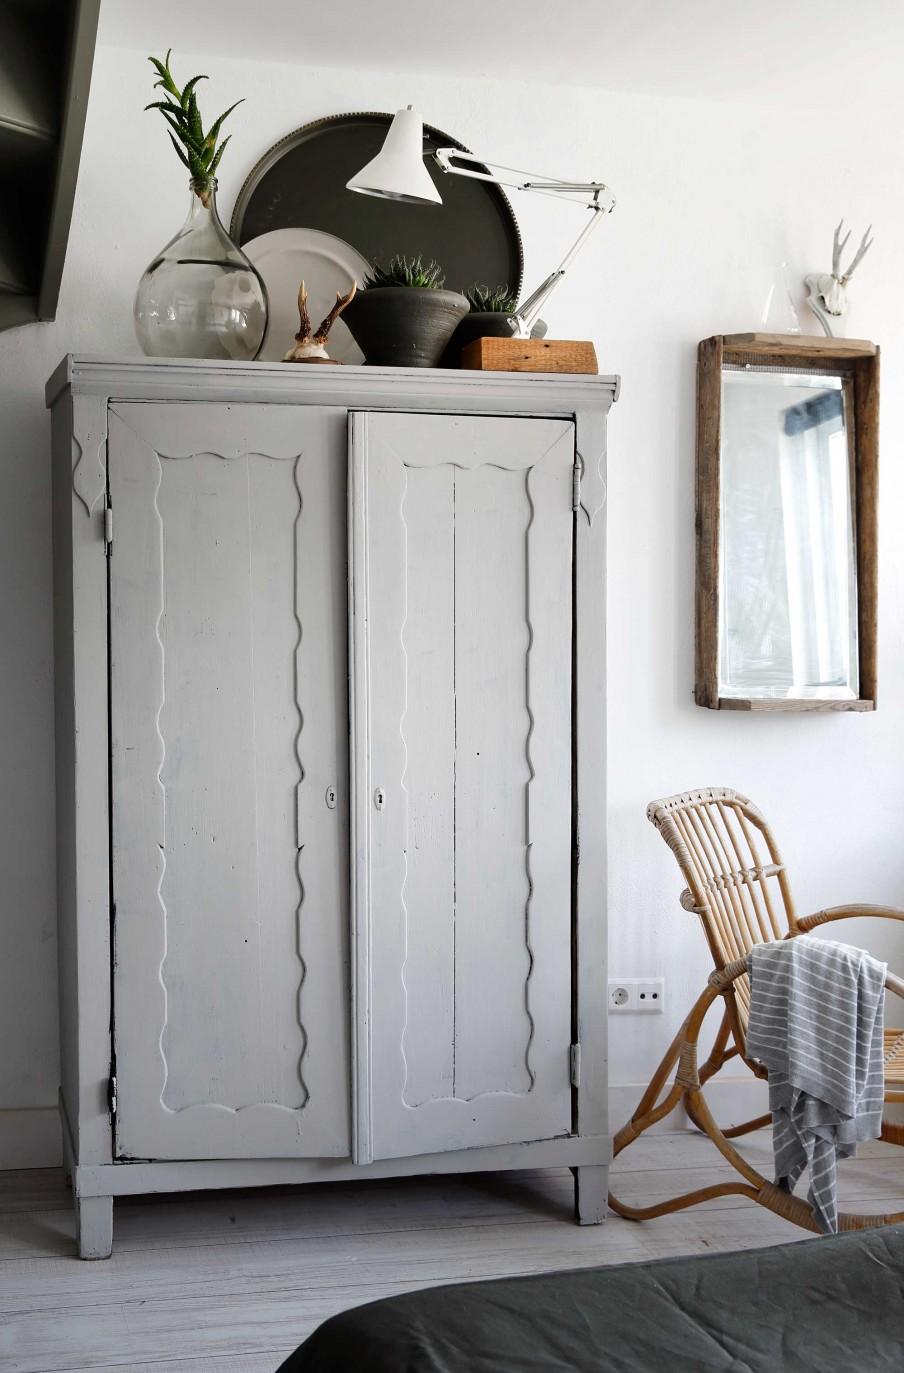 armario, vintage, estilo nordico, estilo industrial, dormitorio, bandejas, damajuana, alquimiadeco